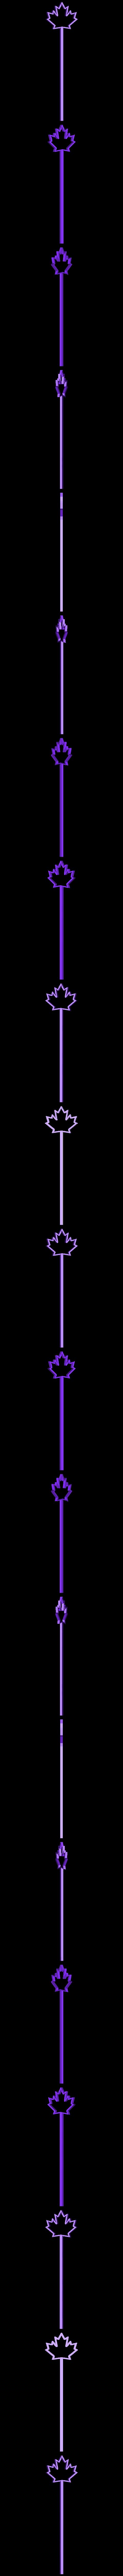 stick_white.STL Télécharger fichier STL gratuit Canada Party Party Pack • Design à imprimer en 3D, MosaicManufacturing